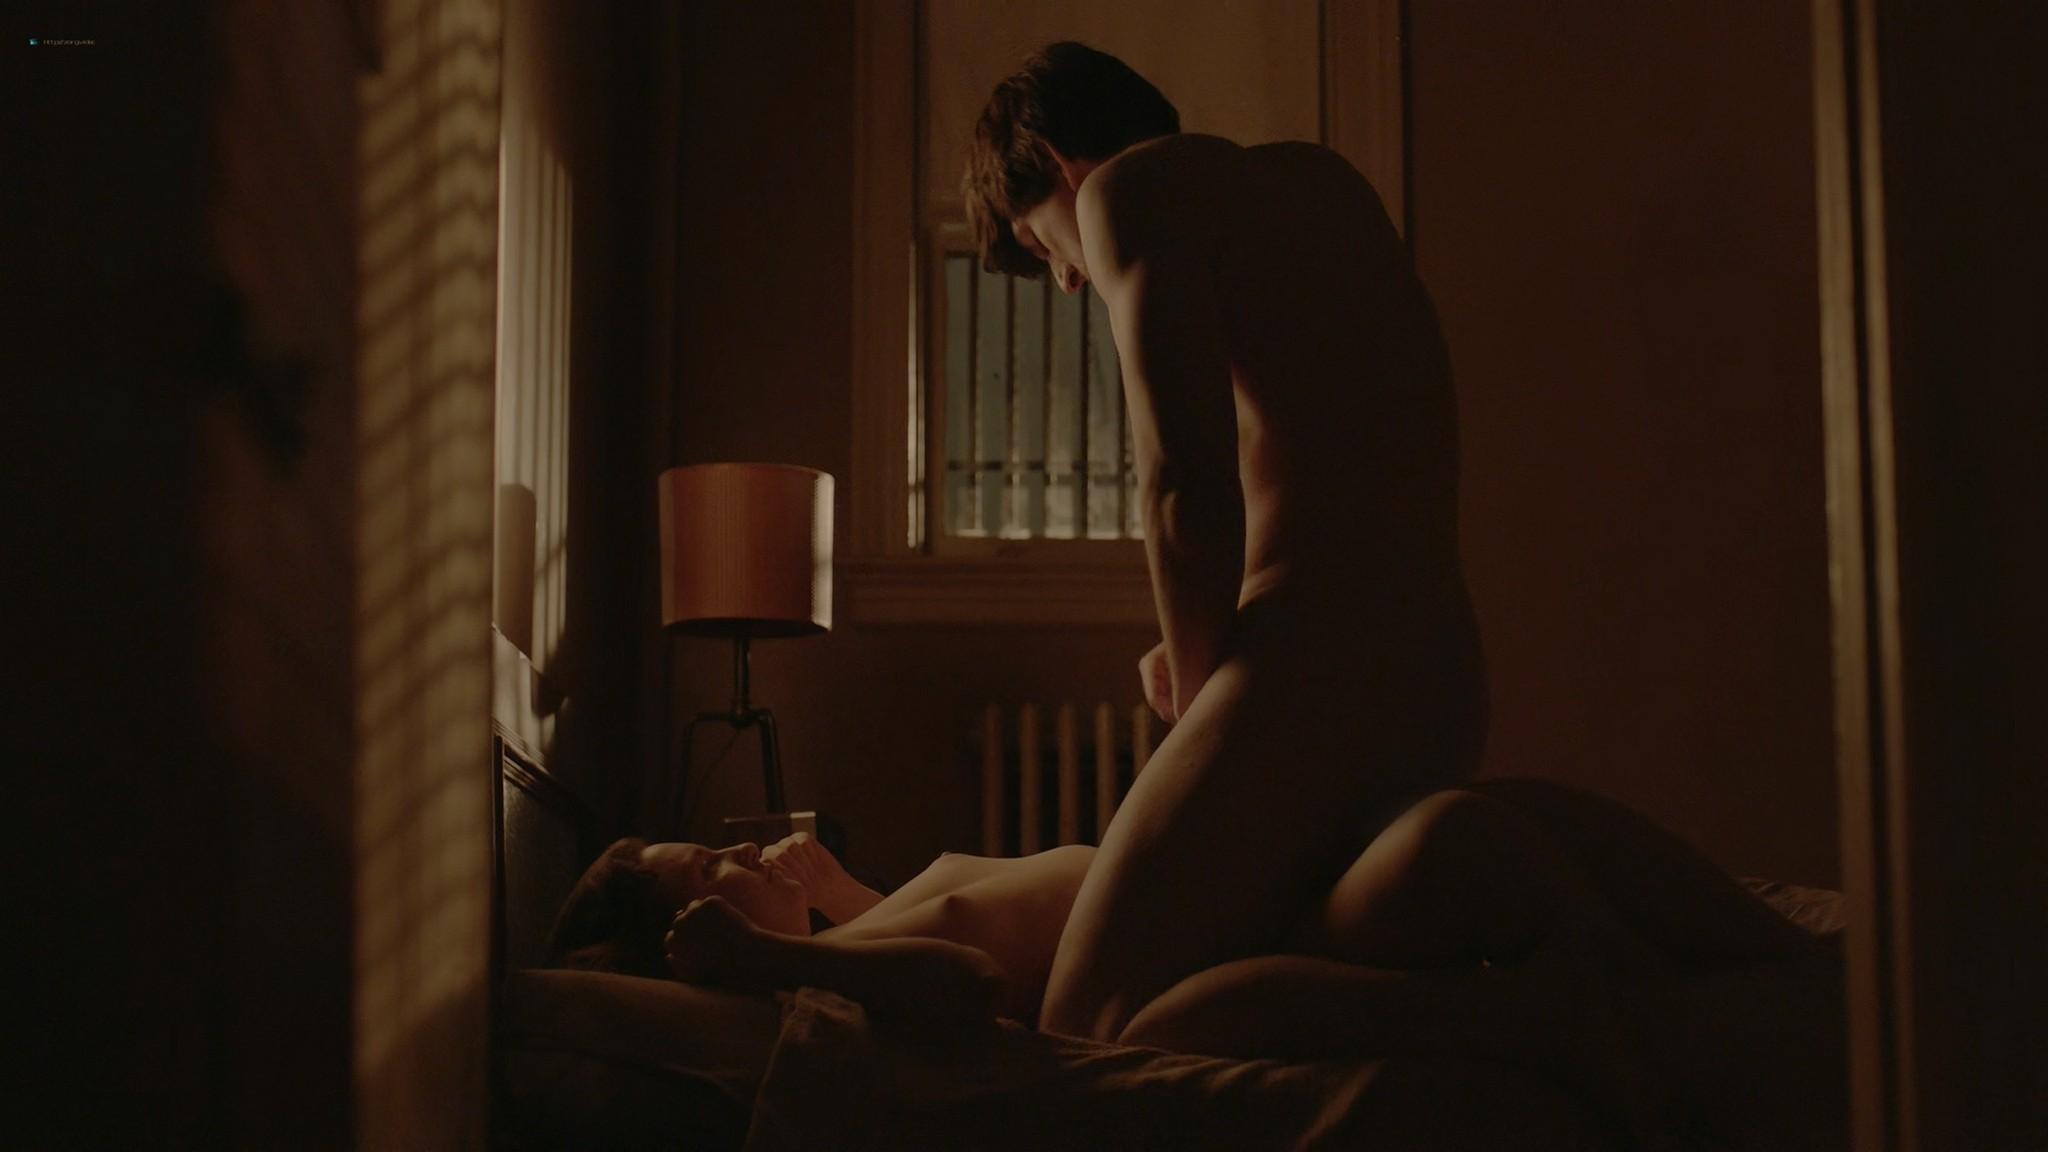 Allison Williams sex doggy style Lena Dunham nude Girls 2012 s1e1 2 1080p Web 13